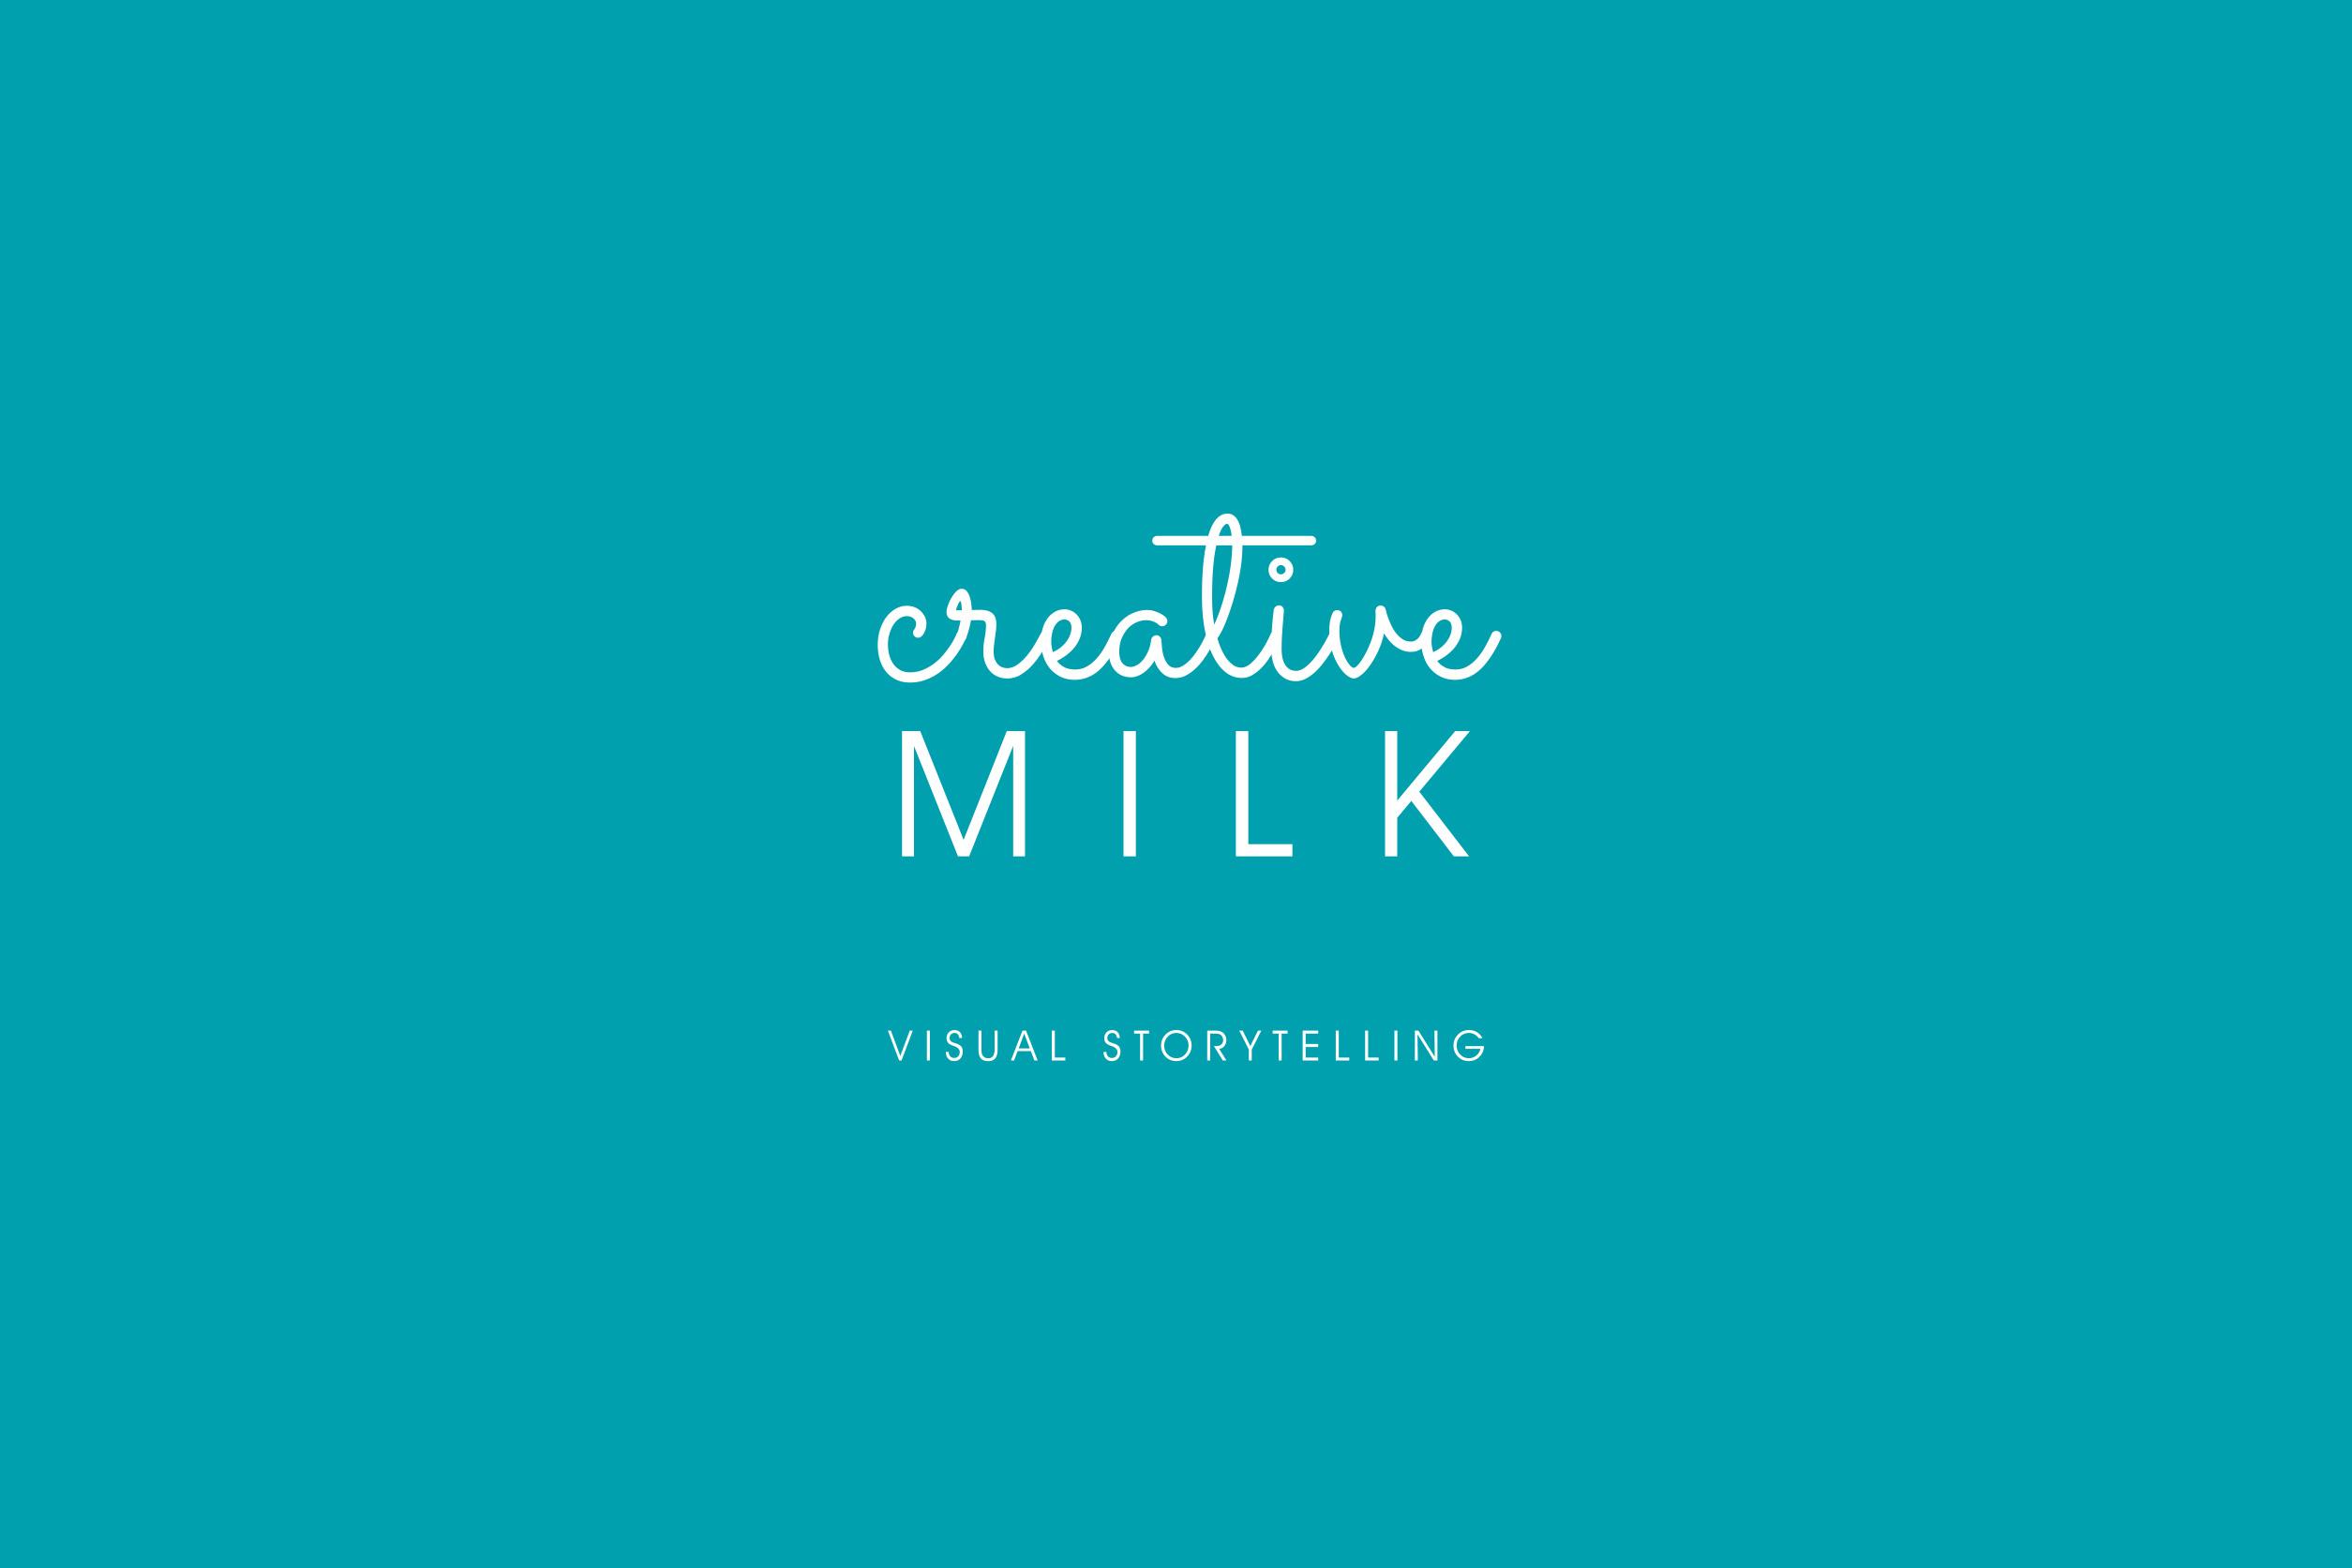 creative-milk-azul